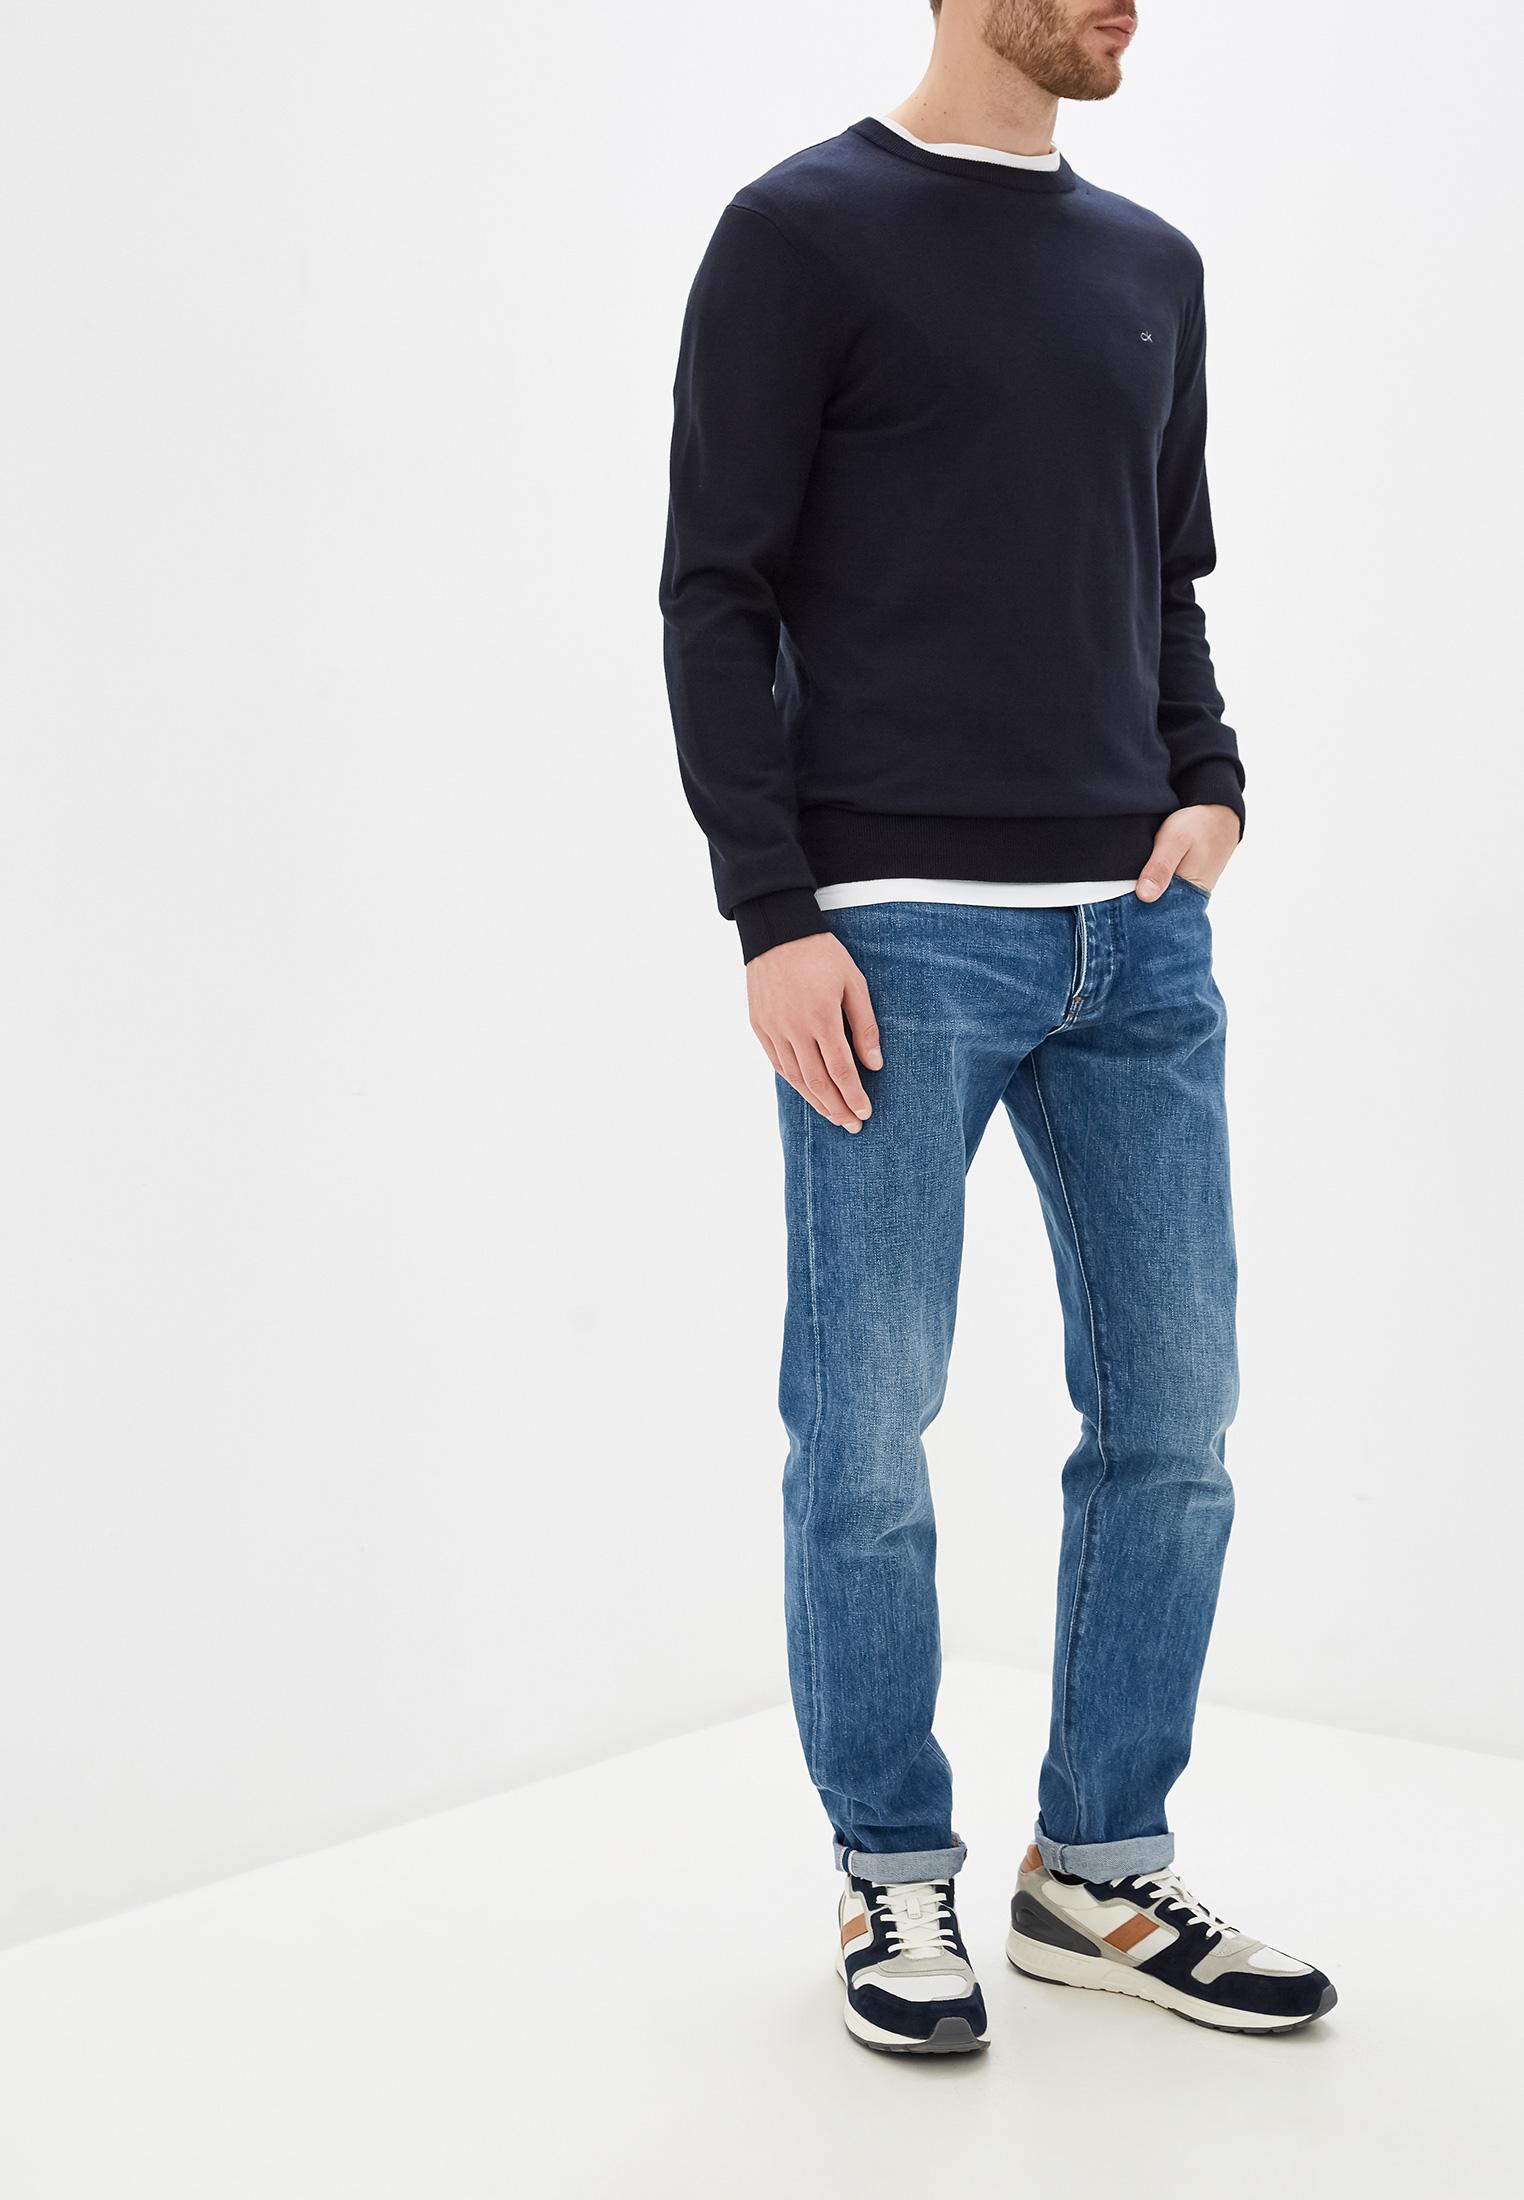 Джемпер Calvin Klein (Кельвин Кляйн) K10K104920: изображение 2